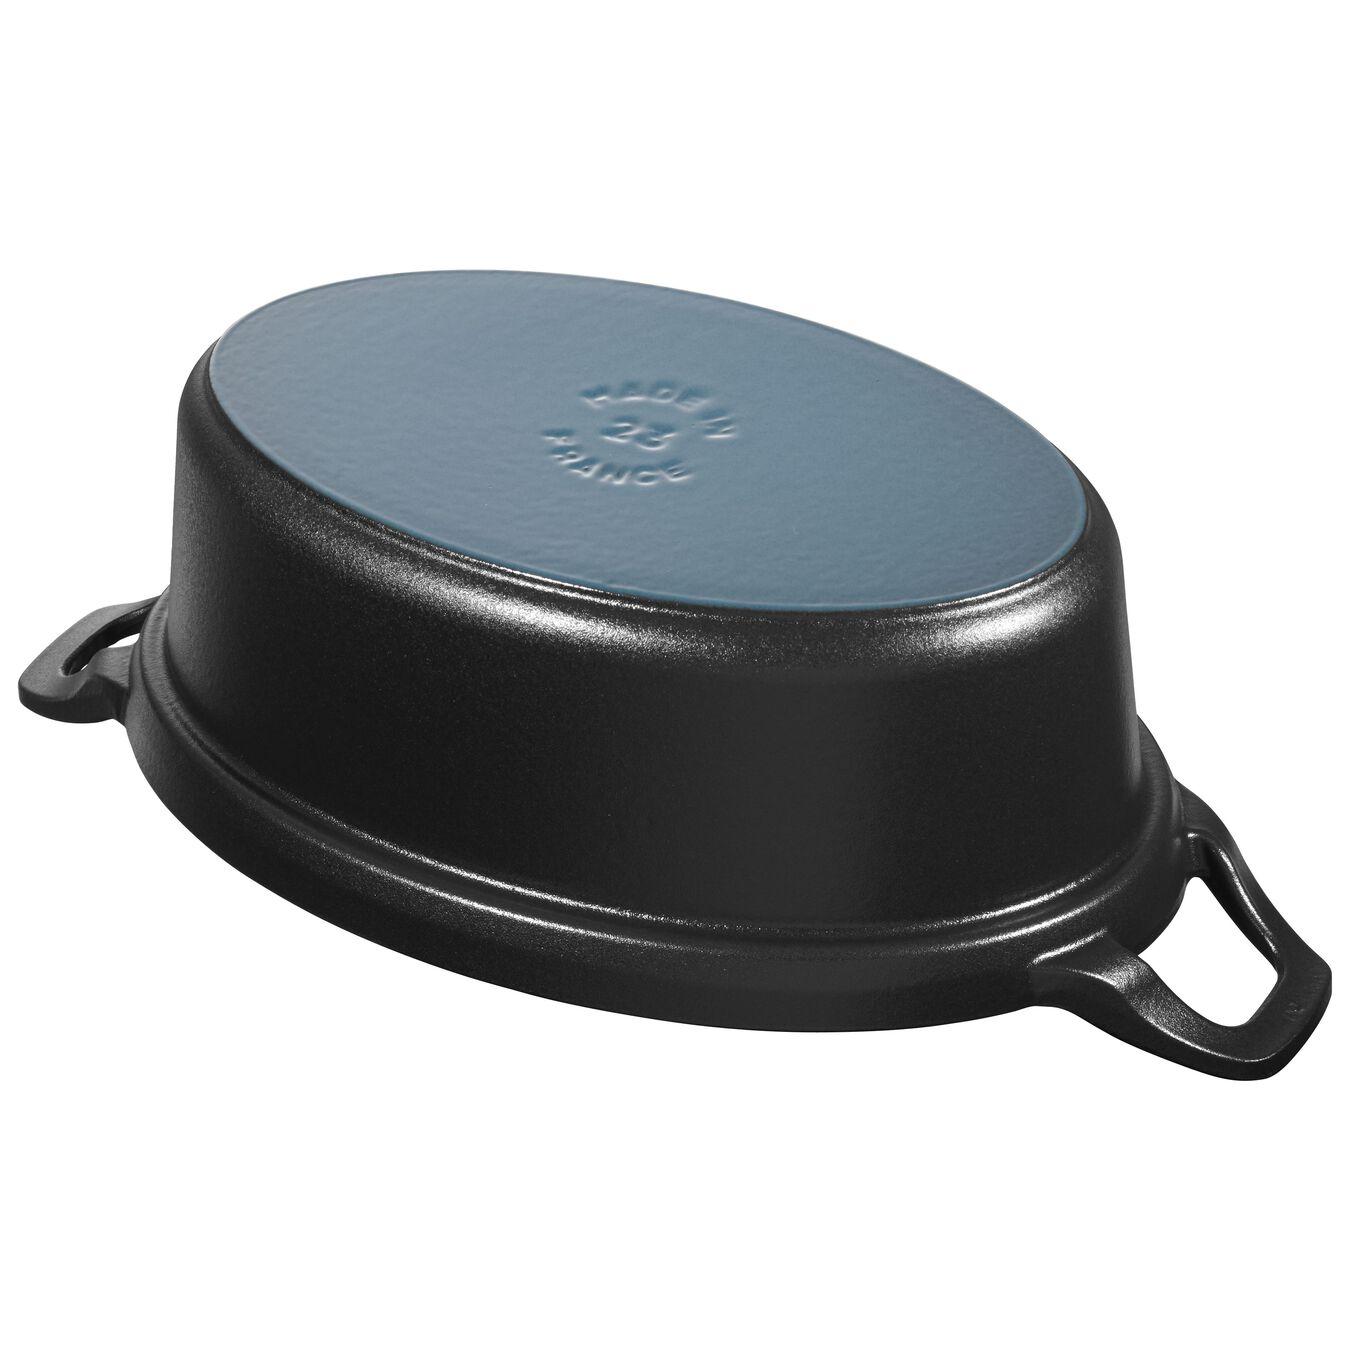 1.7 l oval La Coquette, black,,large 2